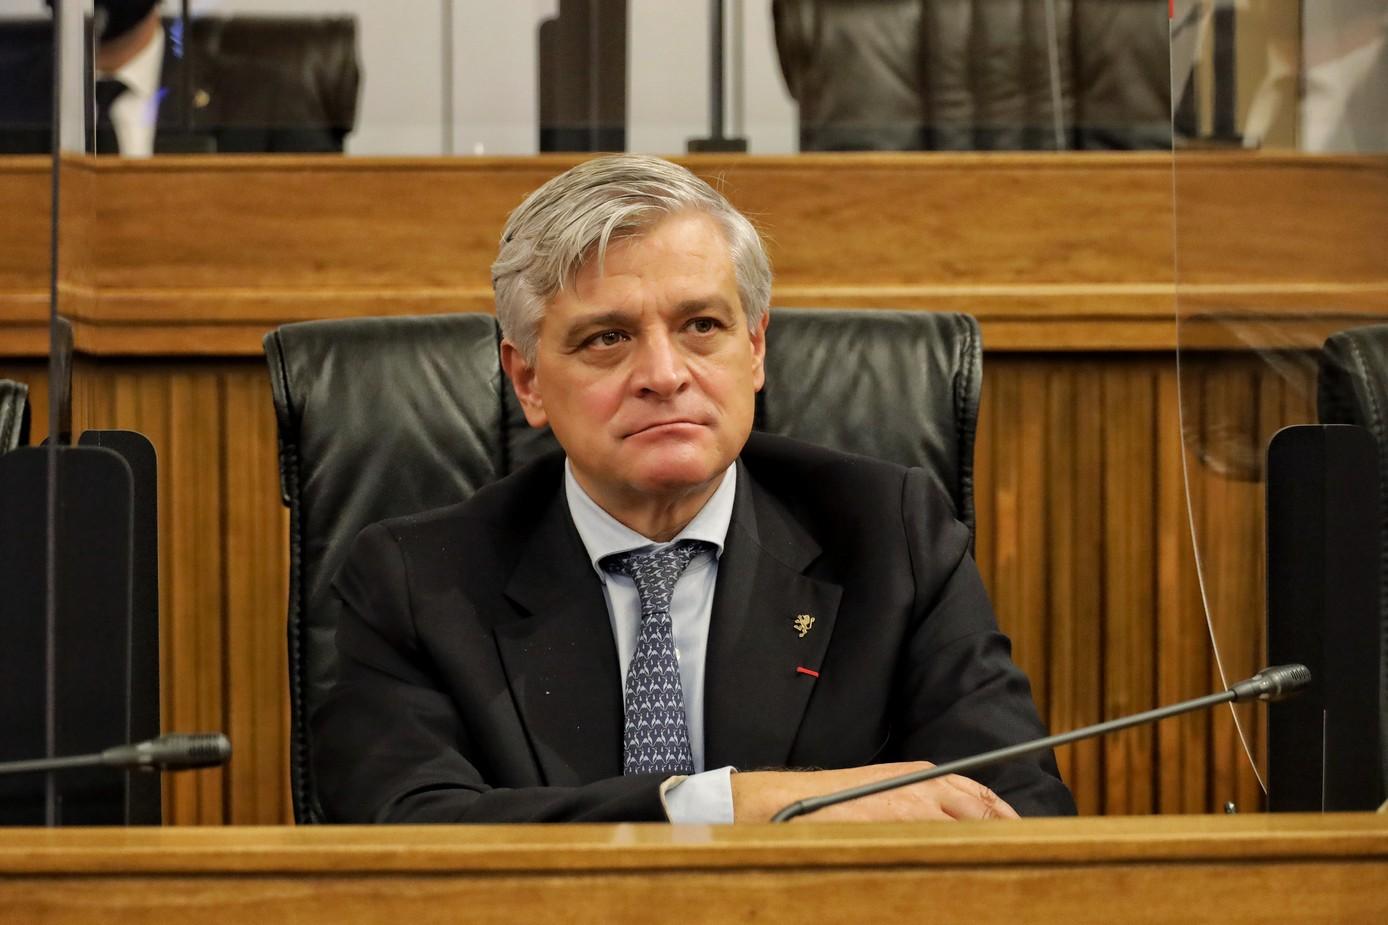 Assessore Luciano Caveri